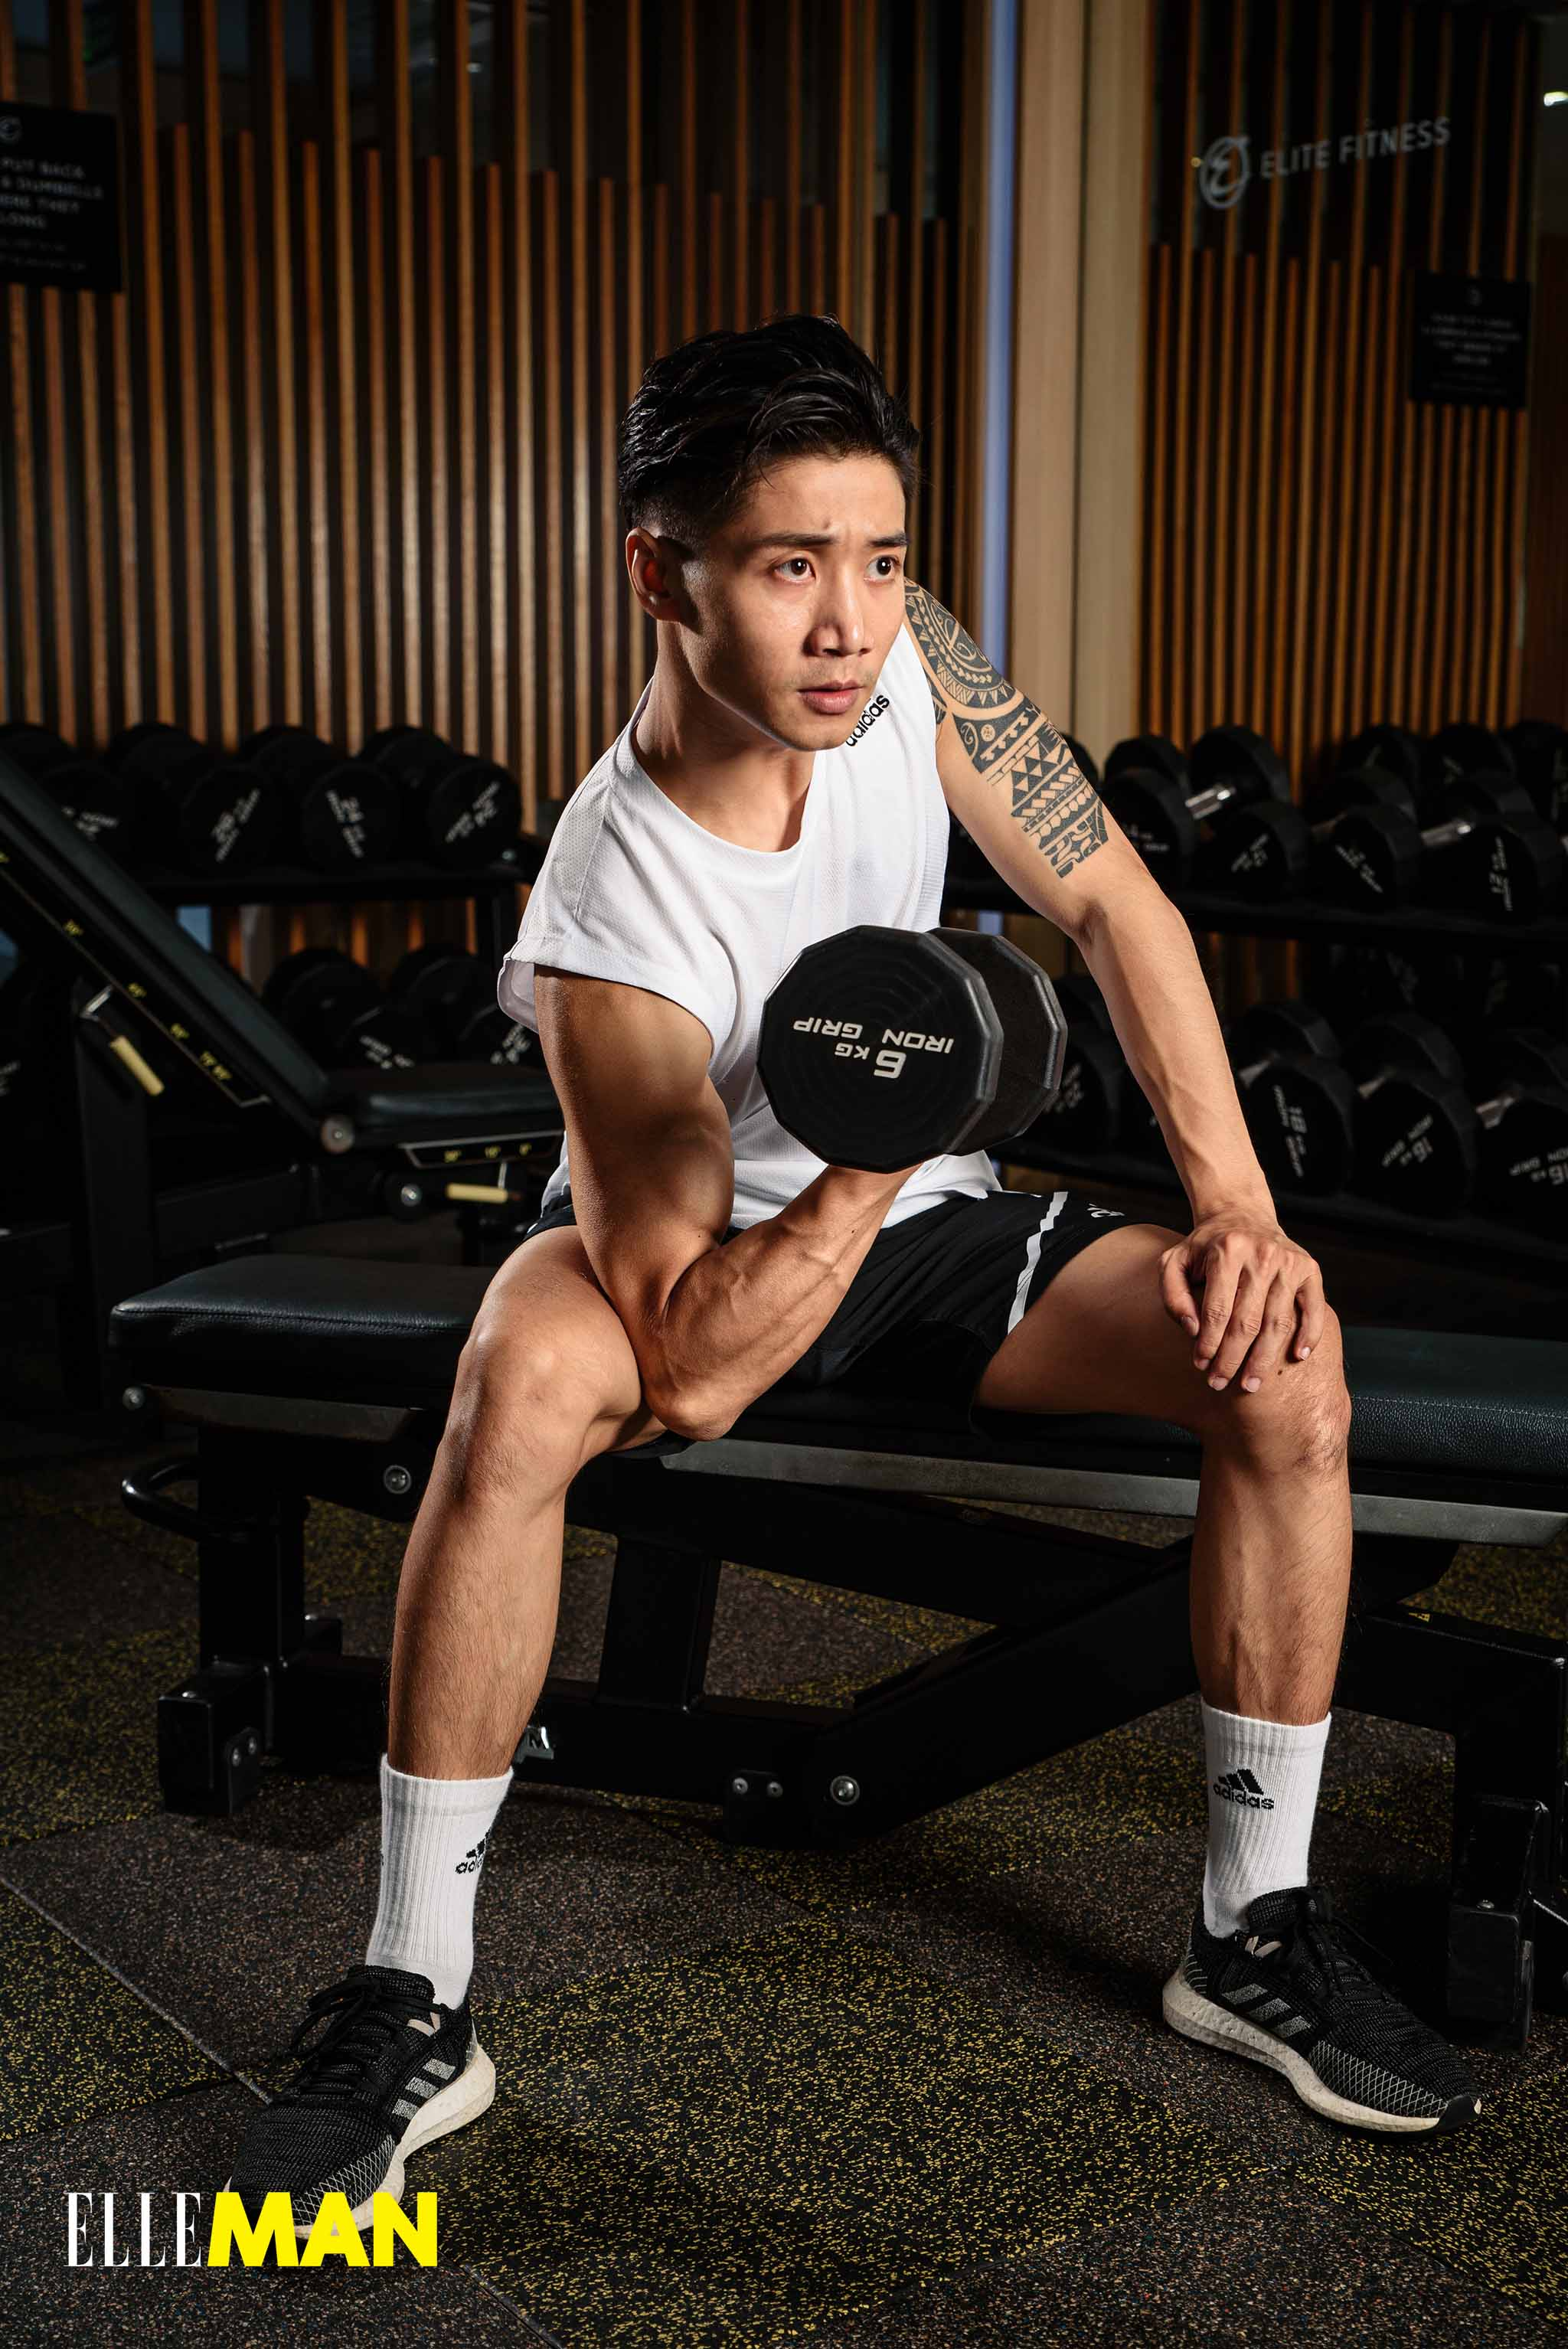 tap gym bai tap tay - Concentration Curl - elle man 2